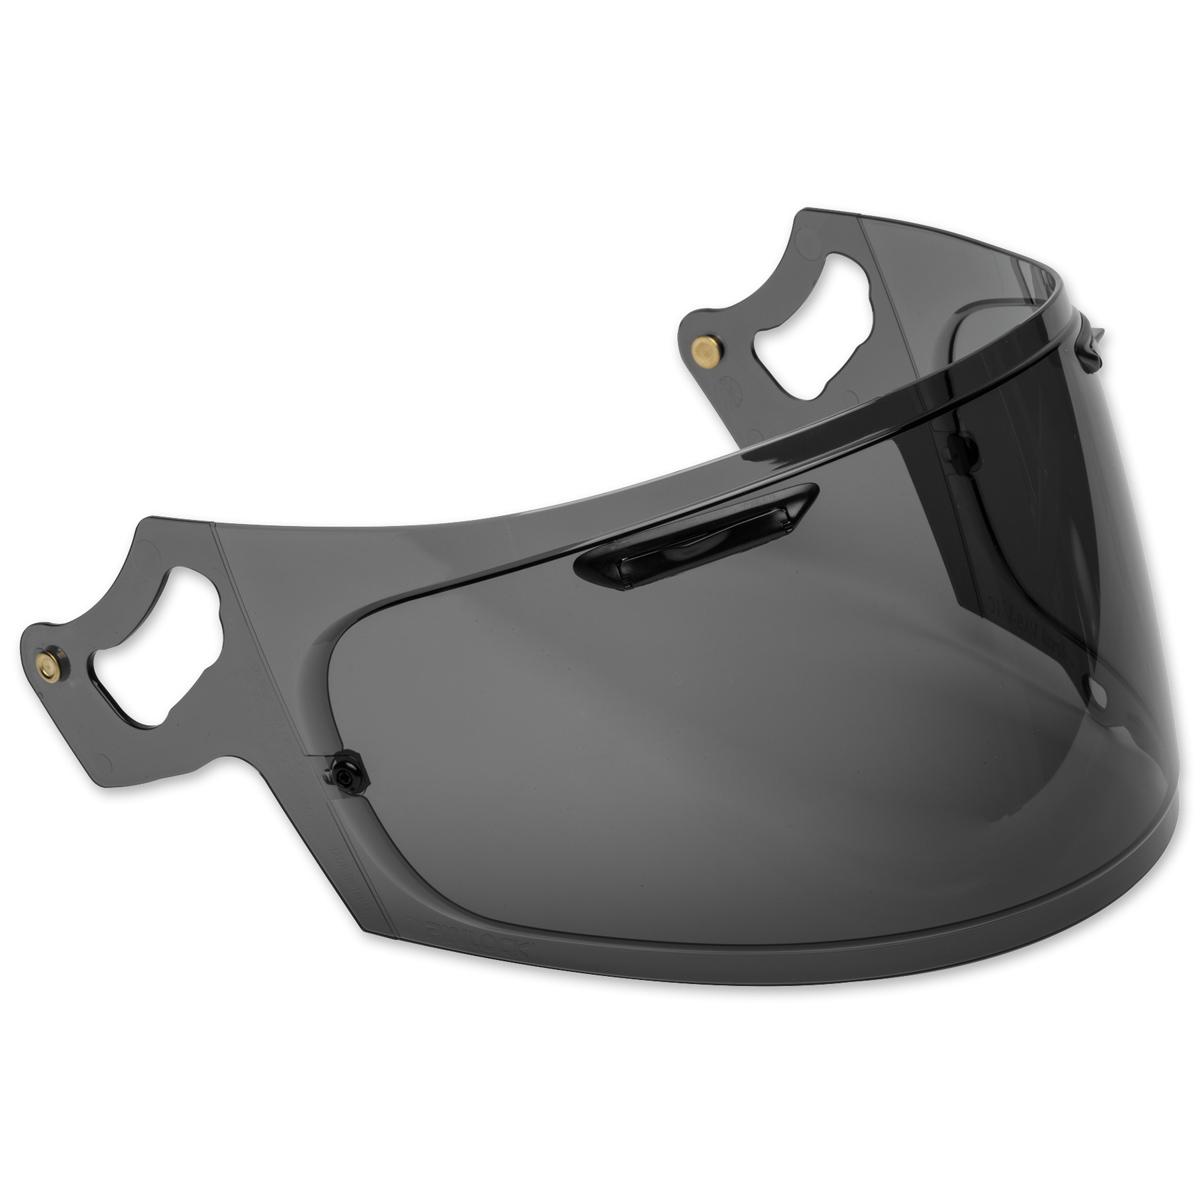 Arai Corsair-X Vas-V Max Vision Dark Tint Faceshield